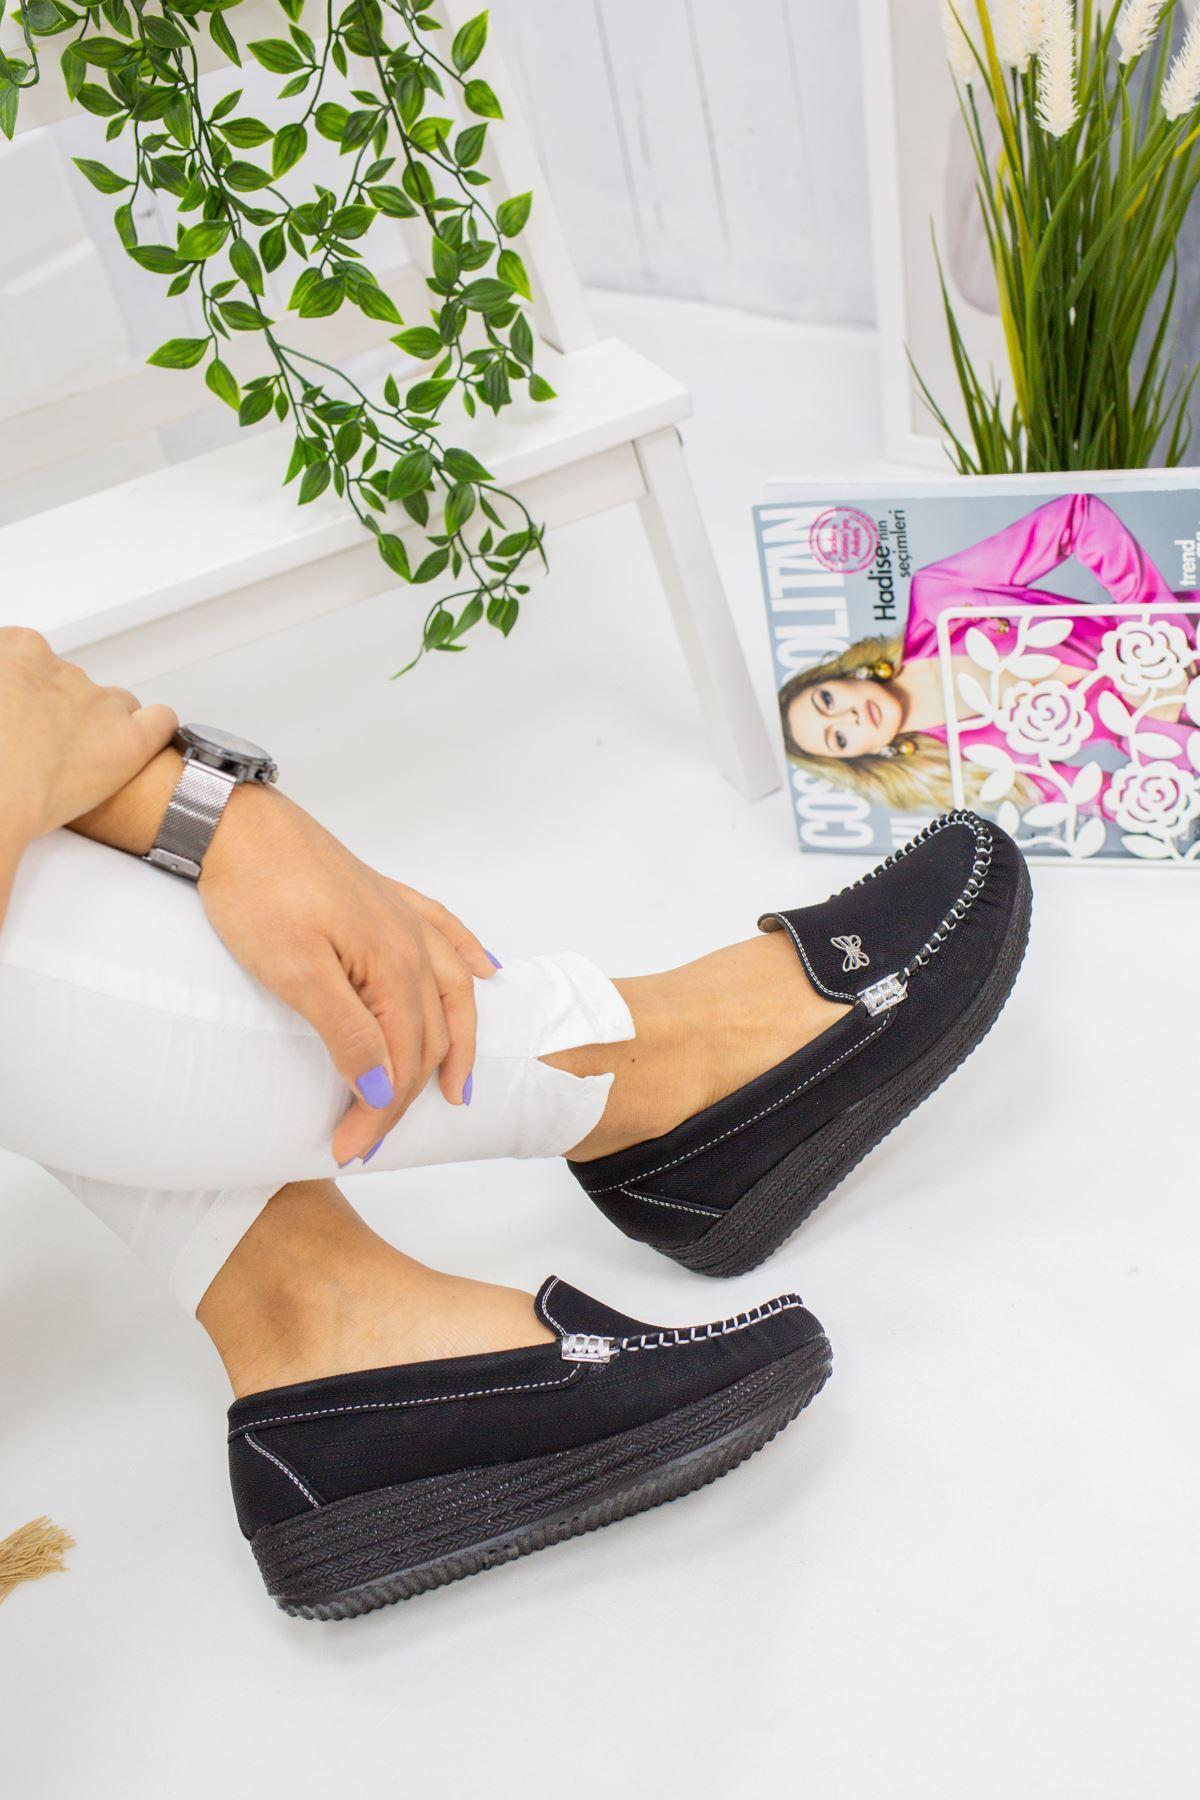 Lili Siyah Süet Günlük Ayakkabı